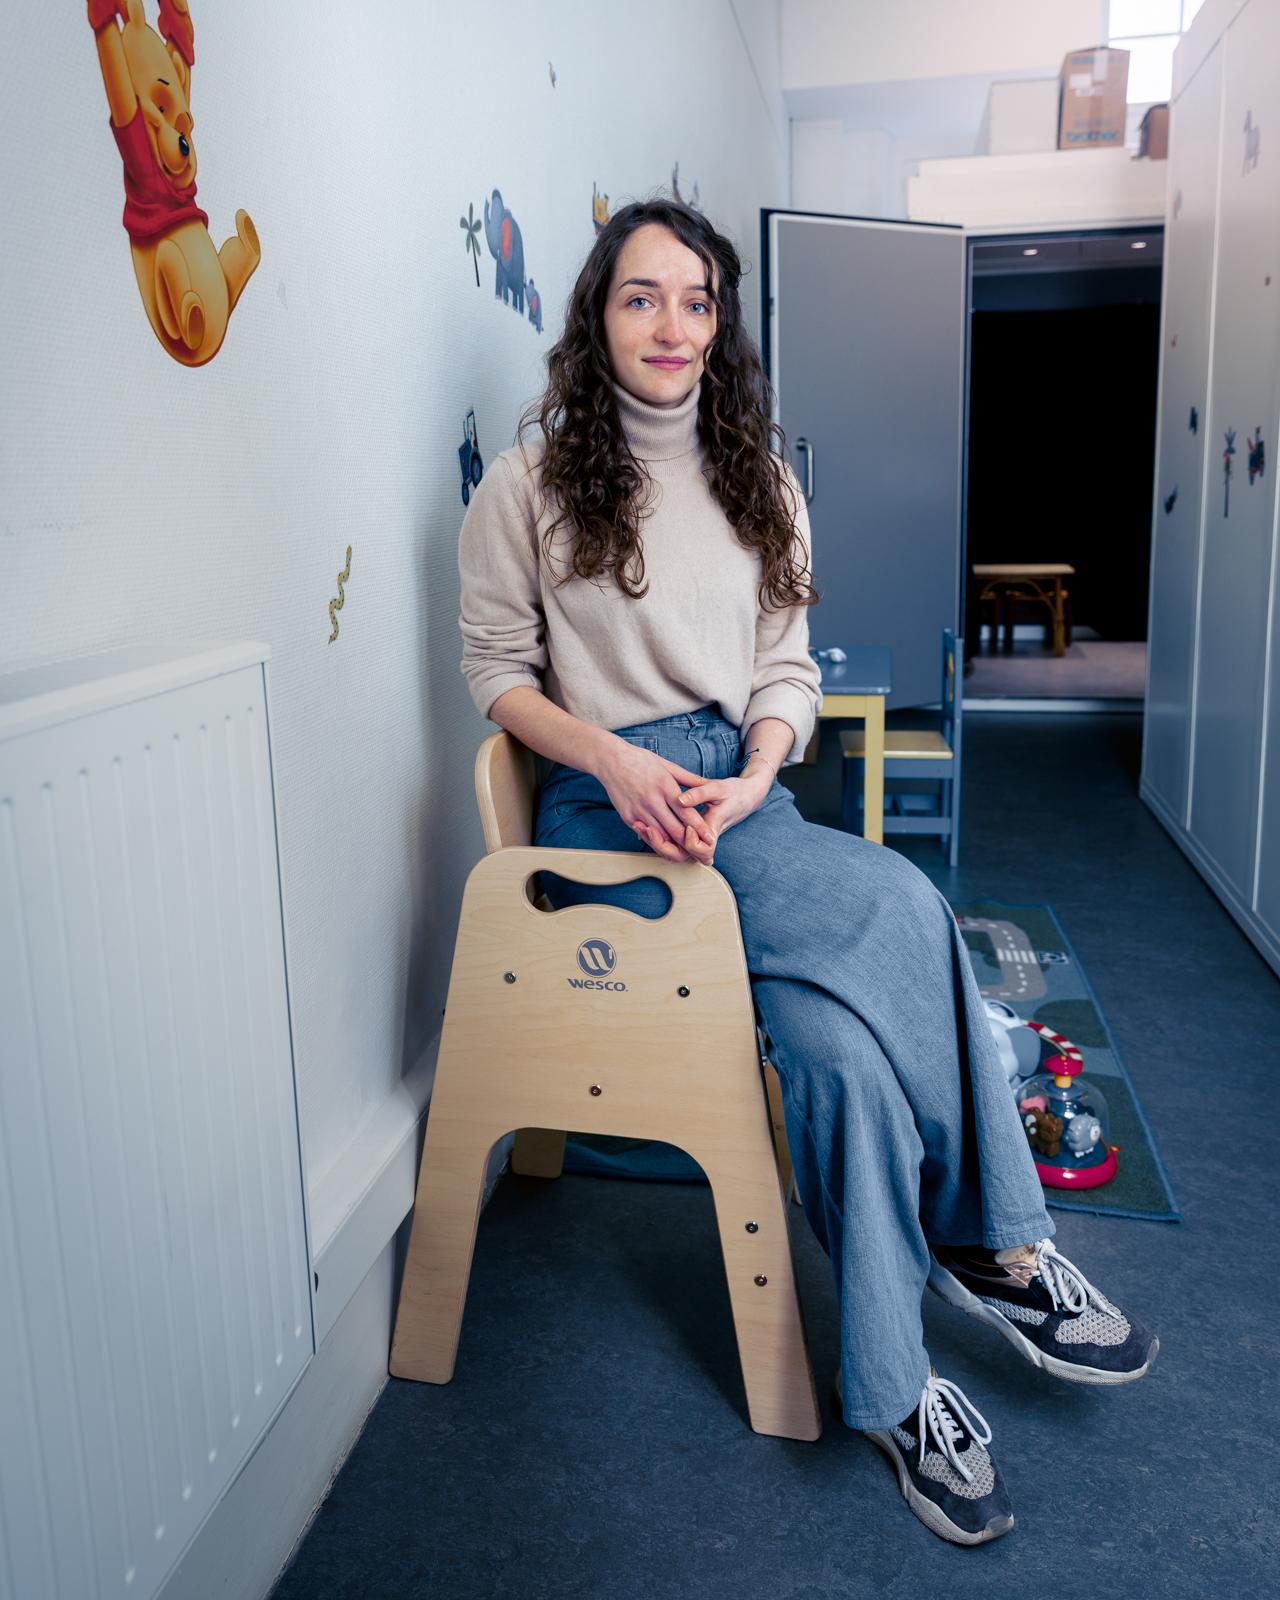 Cécile Crimon dans le BabyLab du Laboratoire de Sciences Cognitives et Psycholinguistique Doctorant